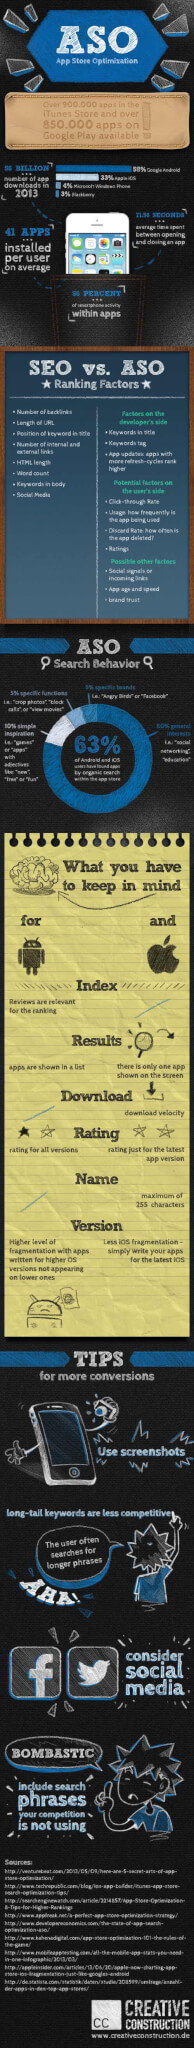 infografía sobre consejos para mejorar el posicionamiento aso